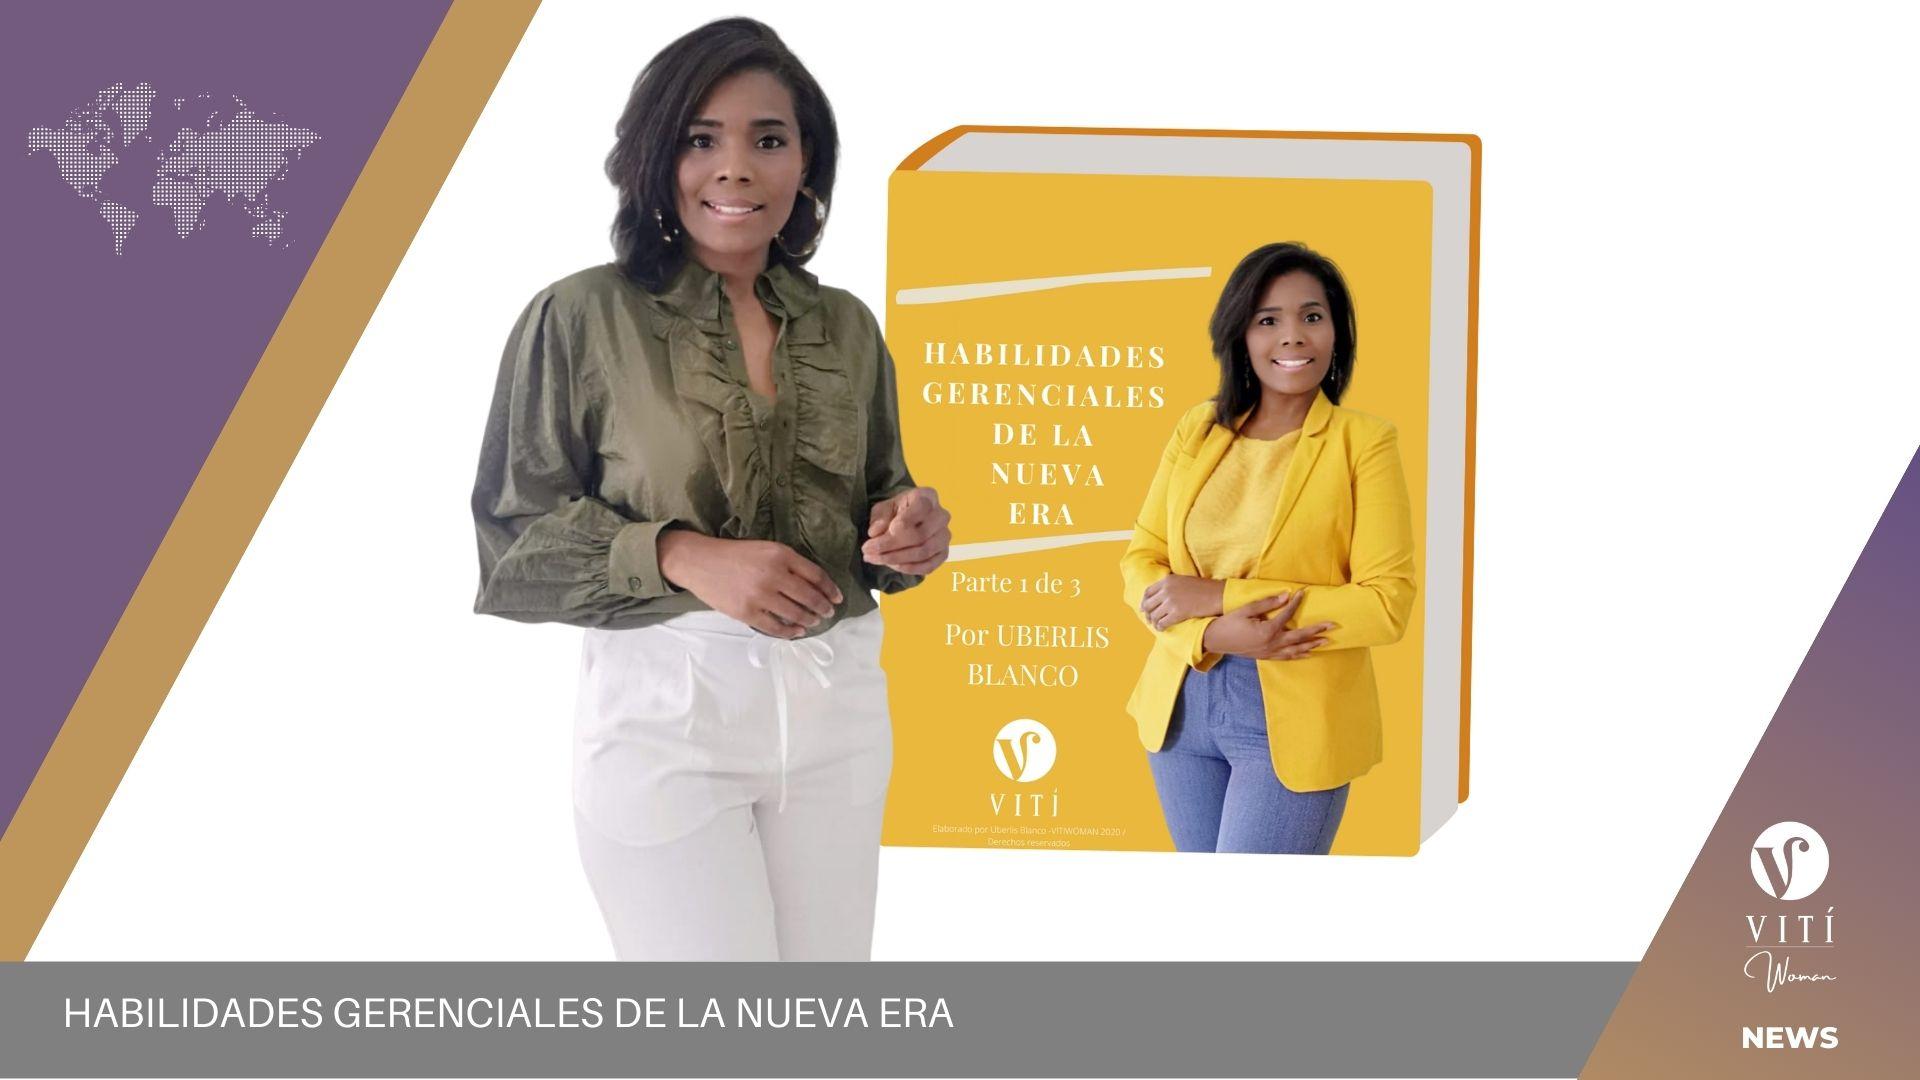 blog-vitiwoman-habilidades-gerenciales-de-la-nueva-era